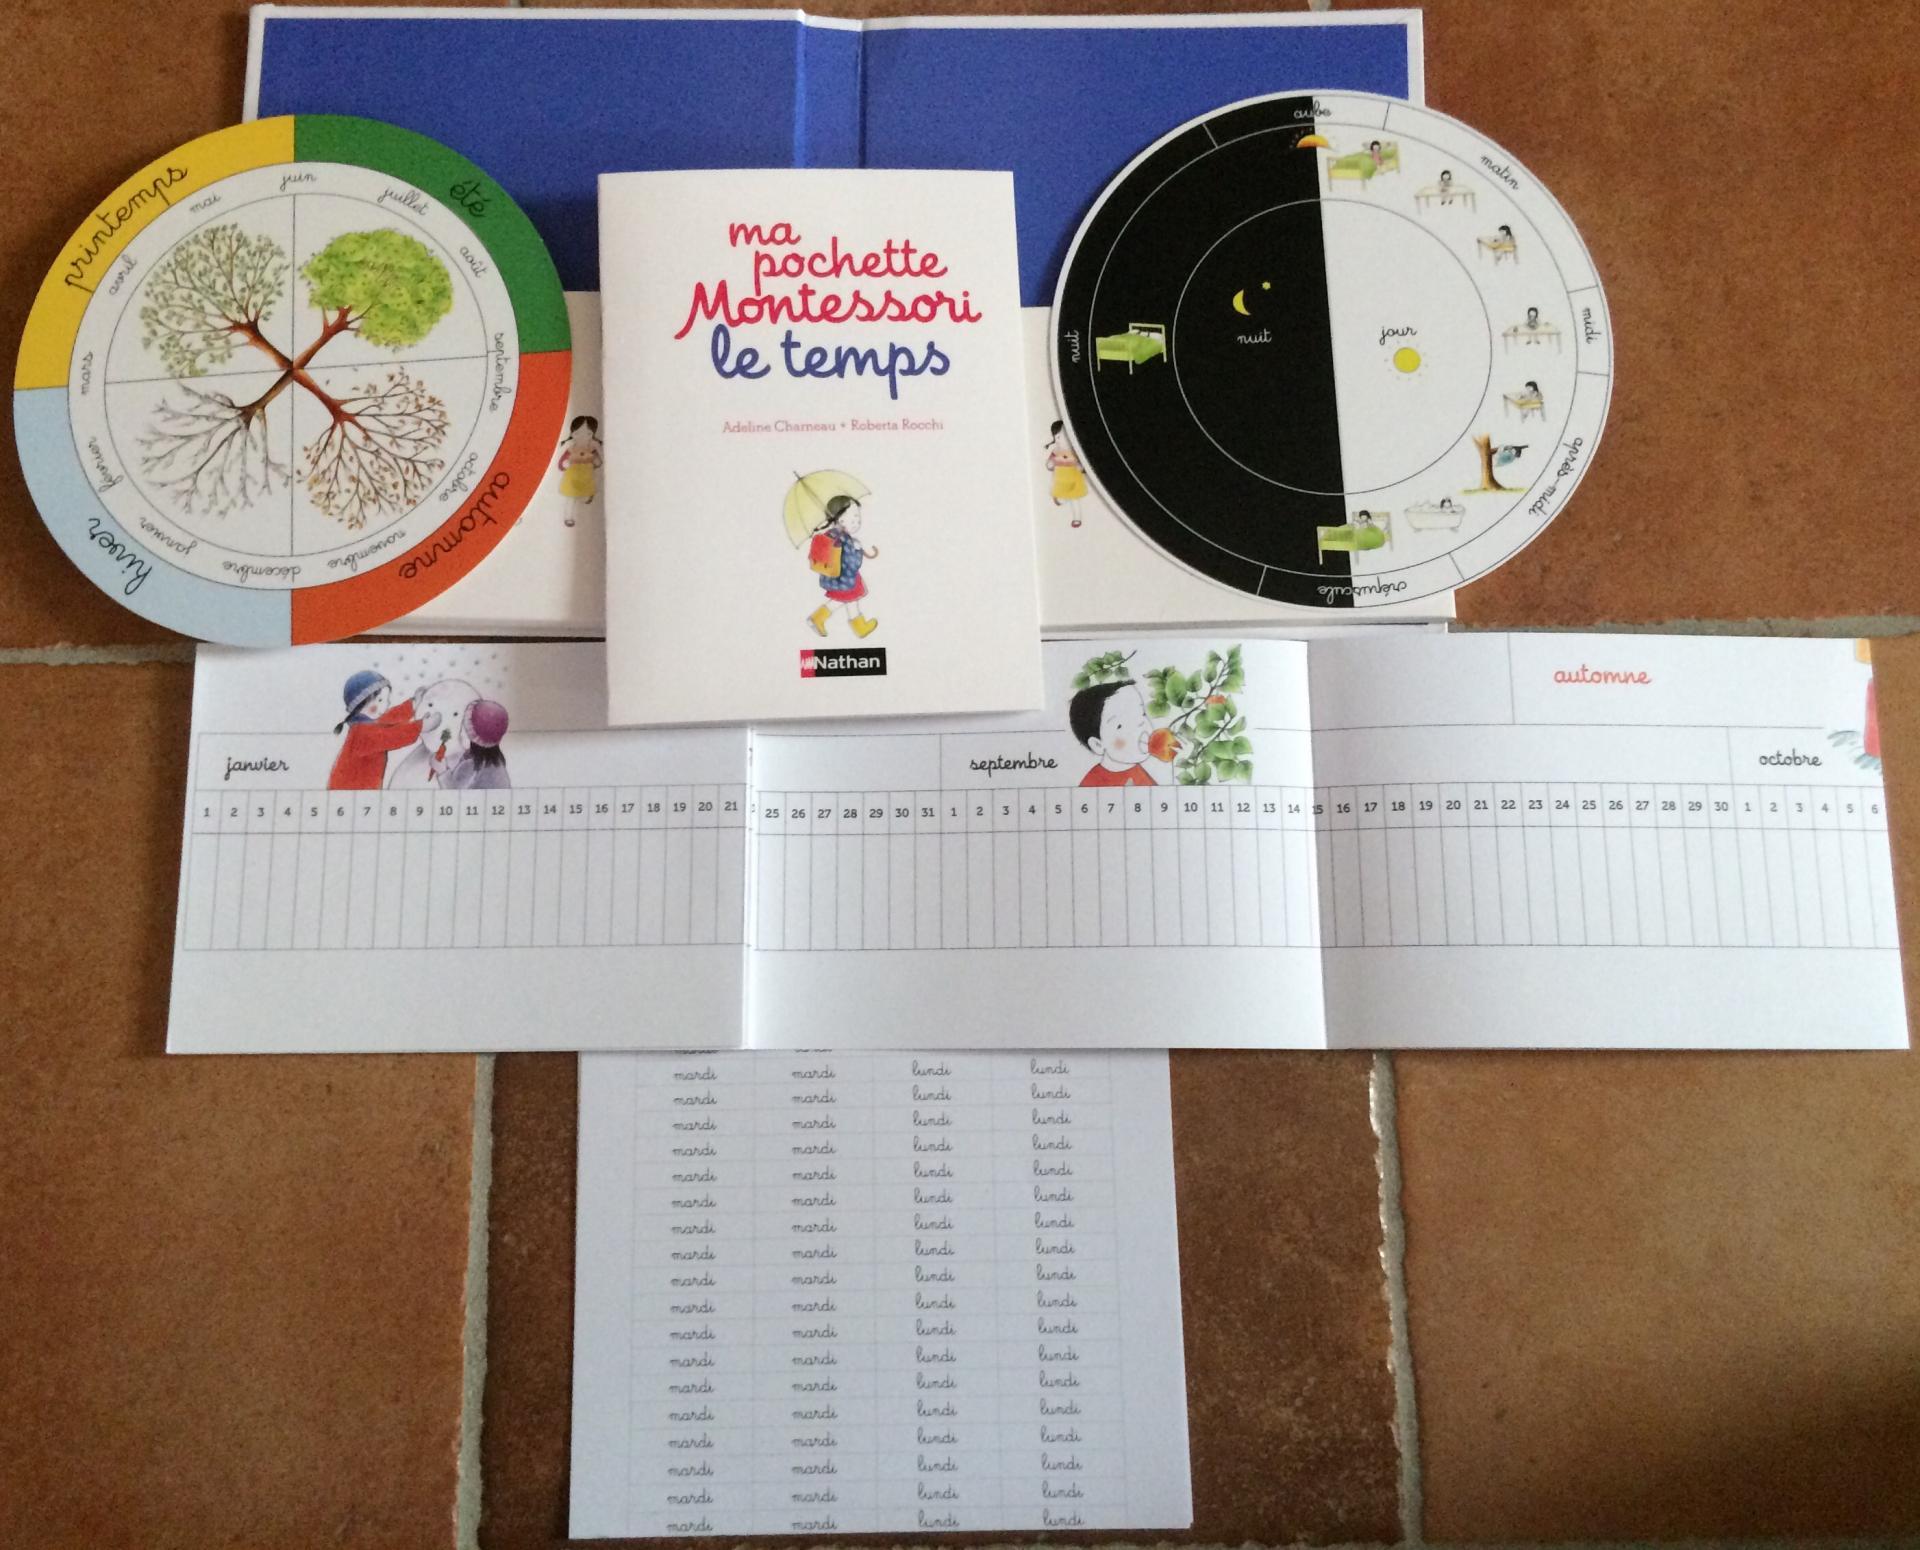 Extrait 2 ma pochette Montessori le temps.